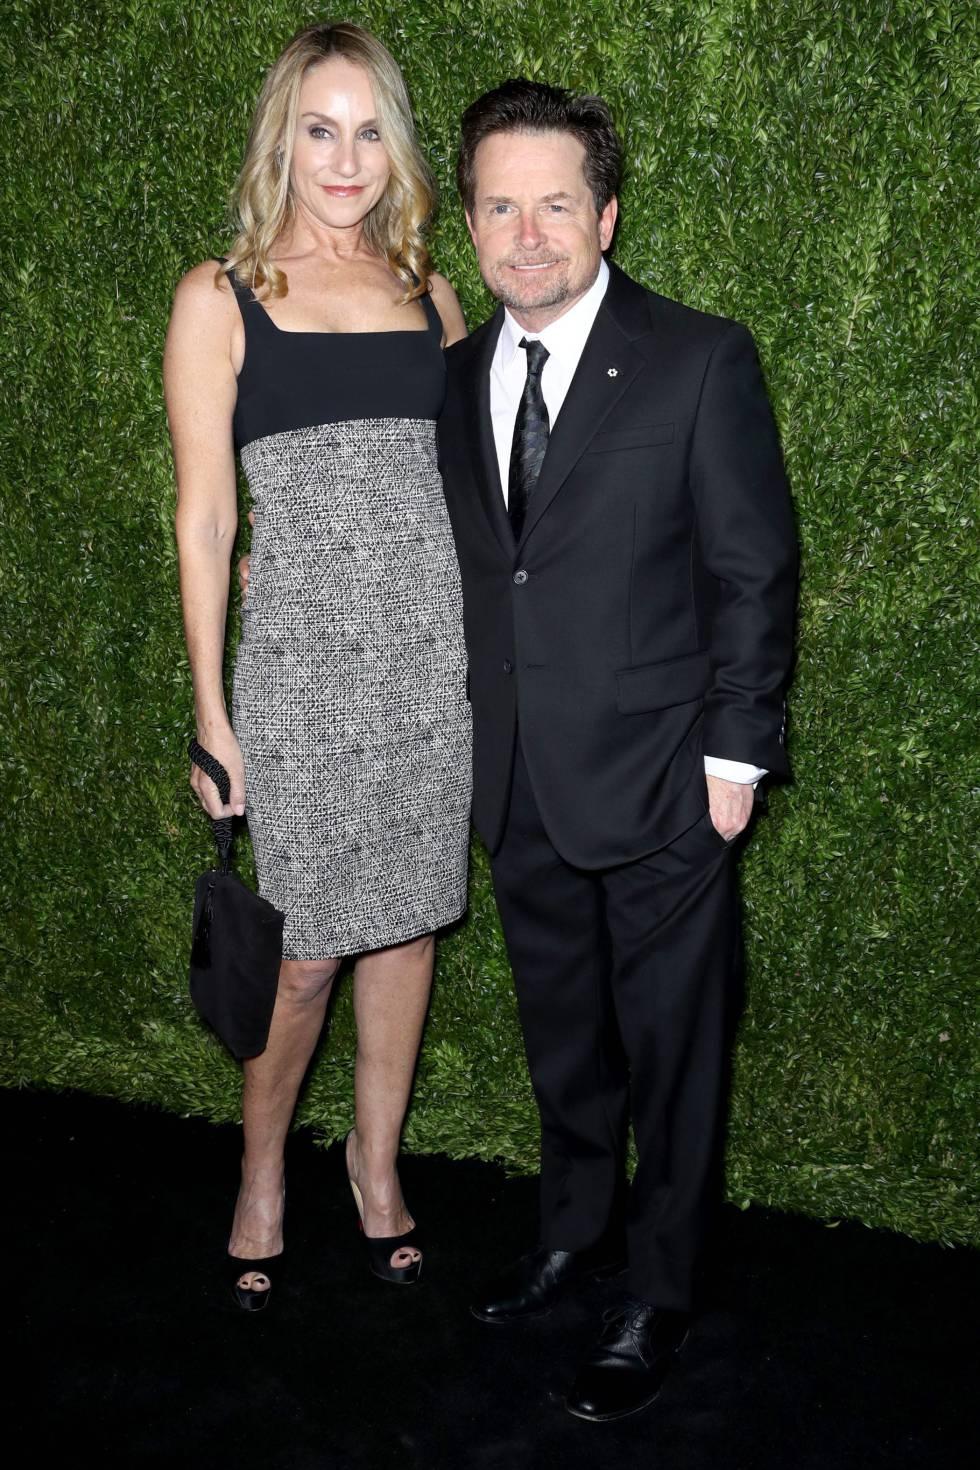 Una de las más recientes apariciones públicas de Michael J. Fox: con su esposa Tracy Pollan en la gala Museum of Modern Art Film Tenth Annual Benefit en 2017.